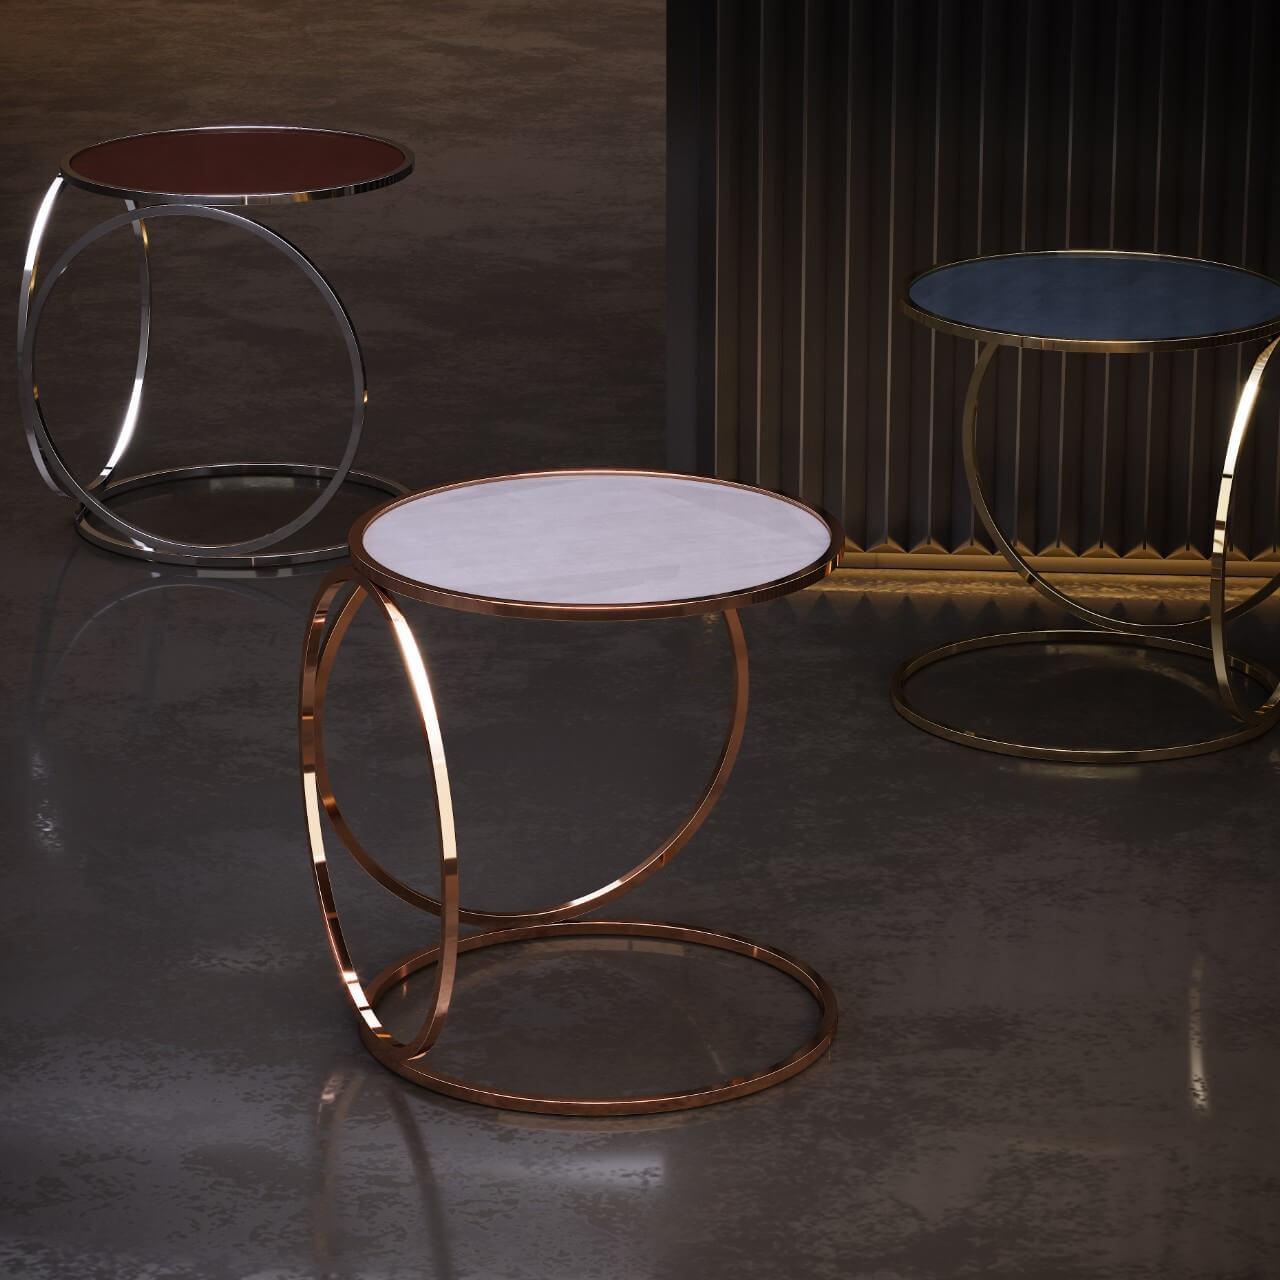 mesa-de-apoio-sharon-domkapa-mobiliario-dourado